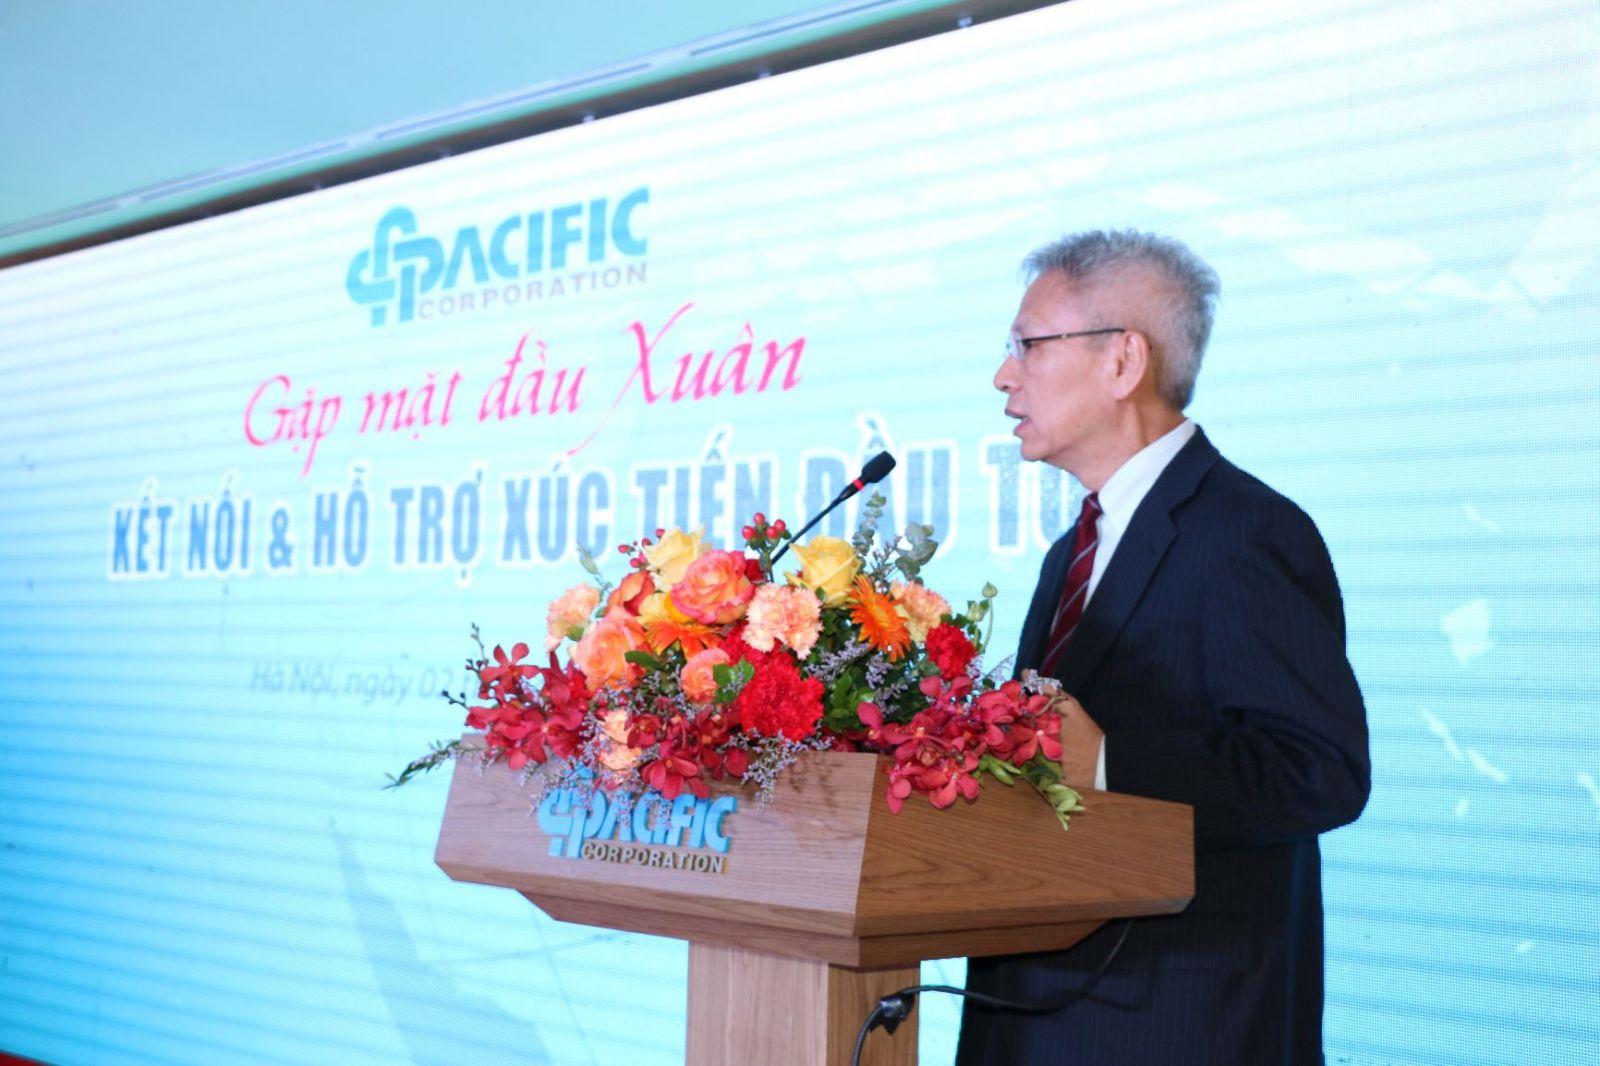 Ông Nguyễn Sĩ Dũng, Cố vấn Chương trình Kết nối và hỗ trợ xúc tiến đầu tư đánh giá cao về sự khác biệt, độc đáo của Chương trình này trong việc mở ra một hướng tiếp cận mới thu hút FDI tại Việt Nam